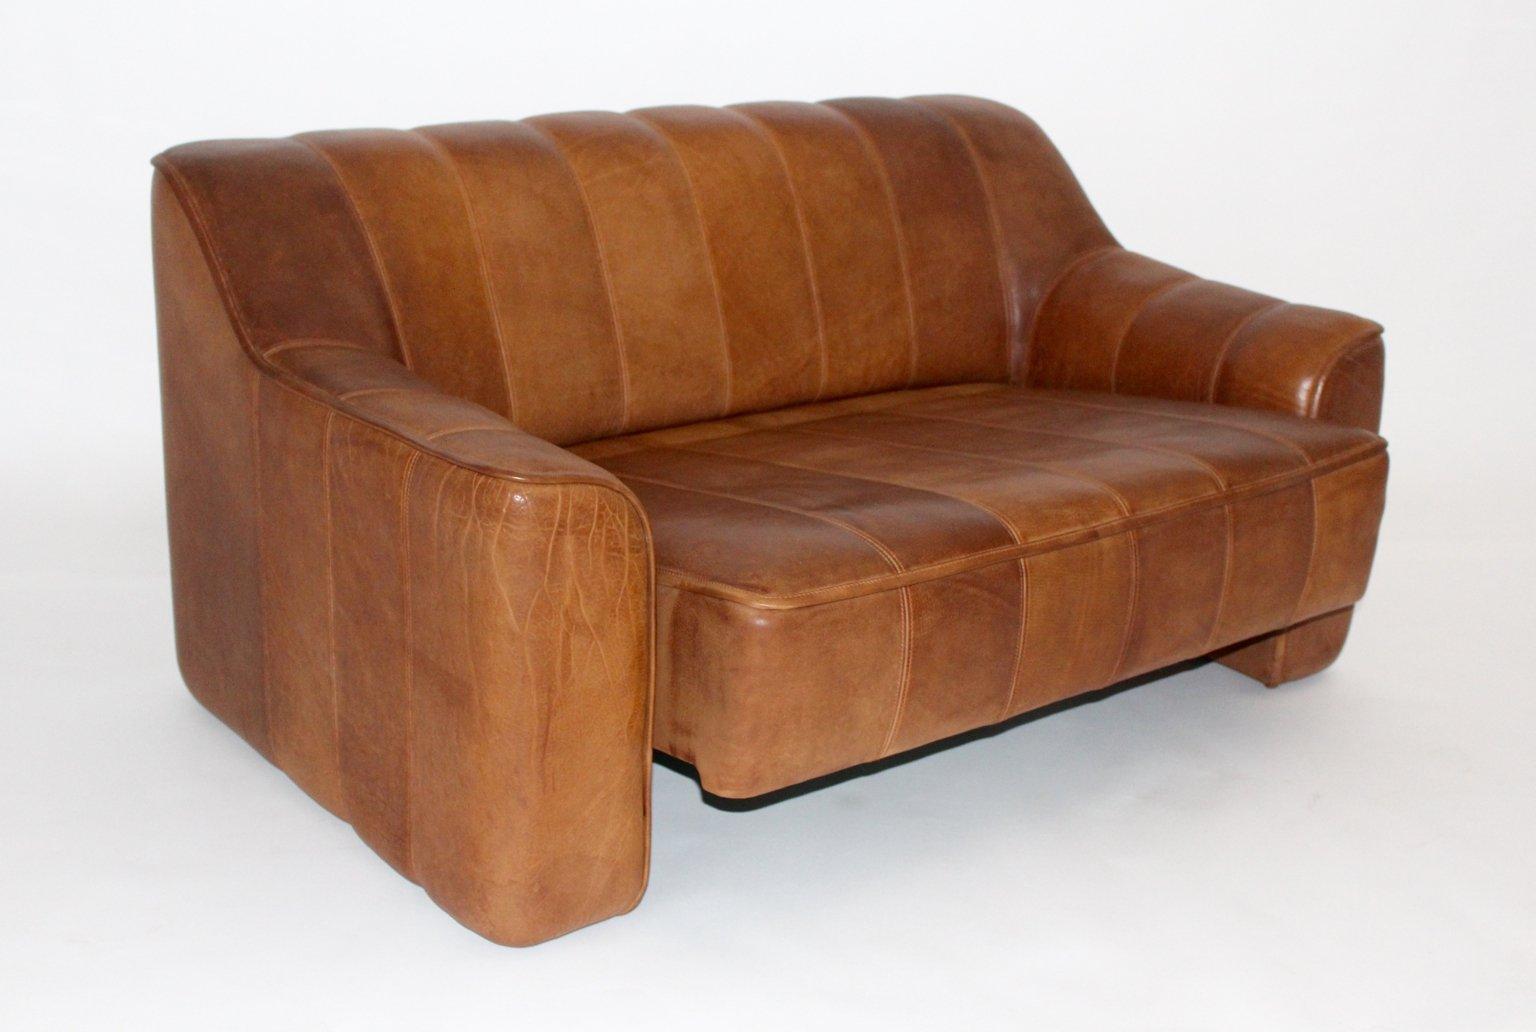 schweizer vintage 2 sitzer sofa von de sede 1970er bei pamono kaufen. Black Bedroom Furniture Sets. Home Design Ideas